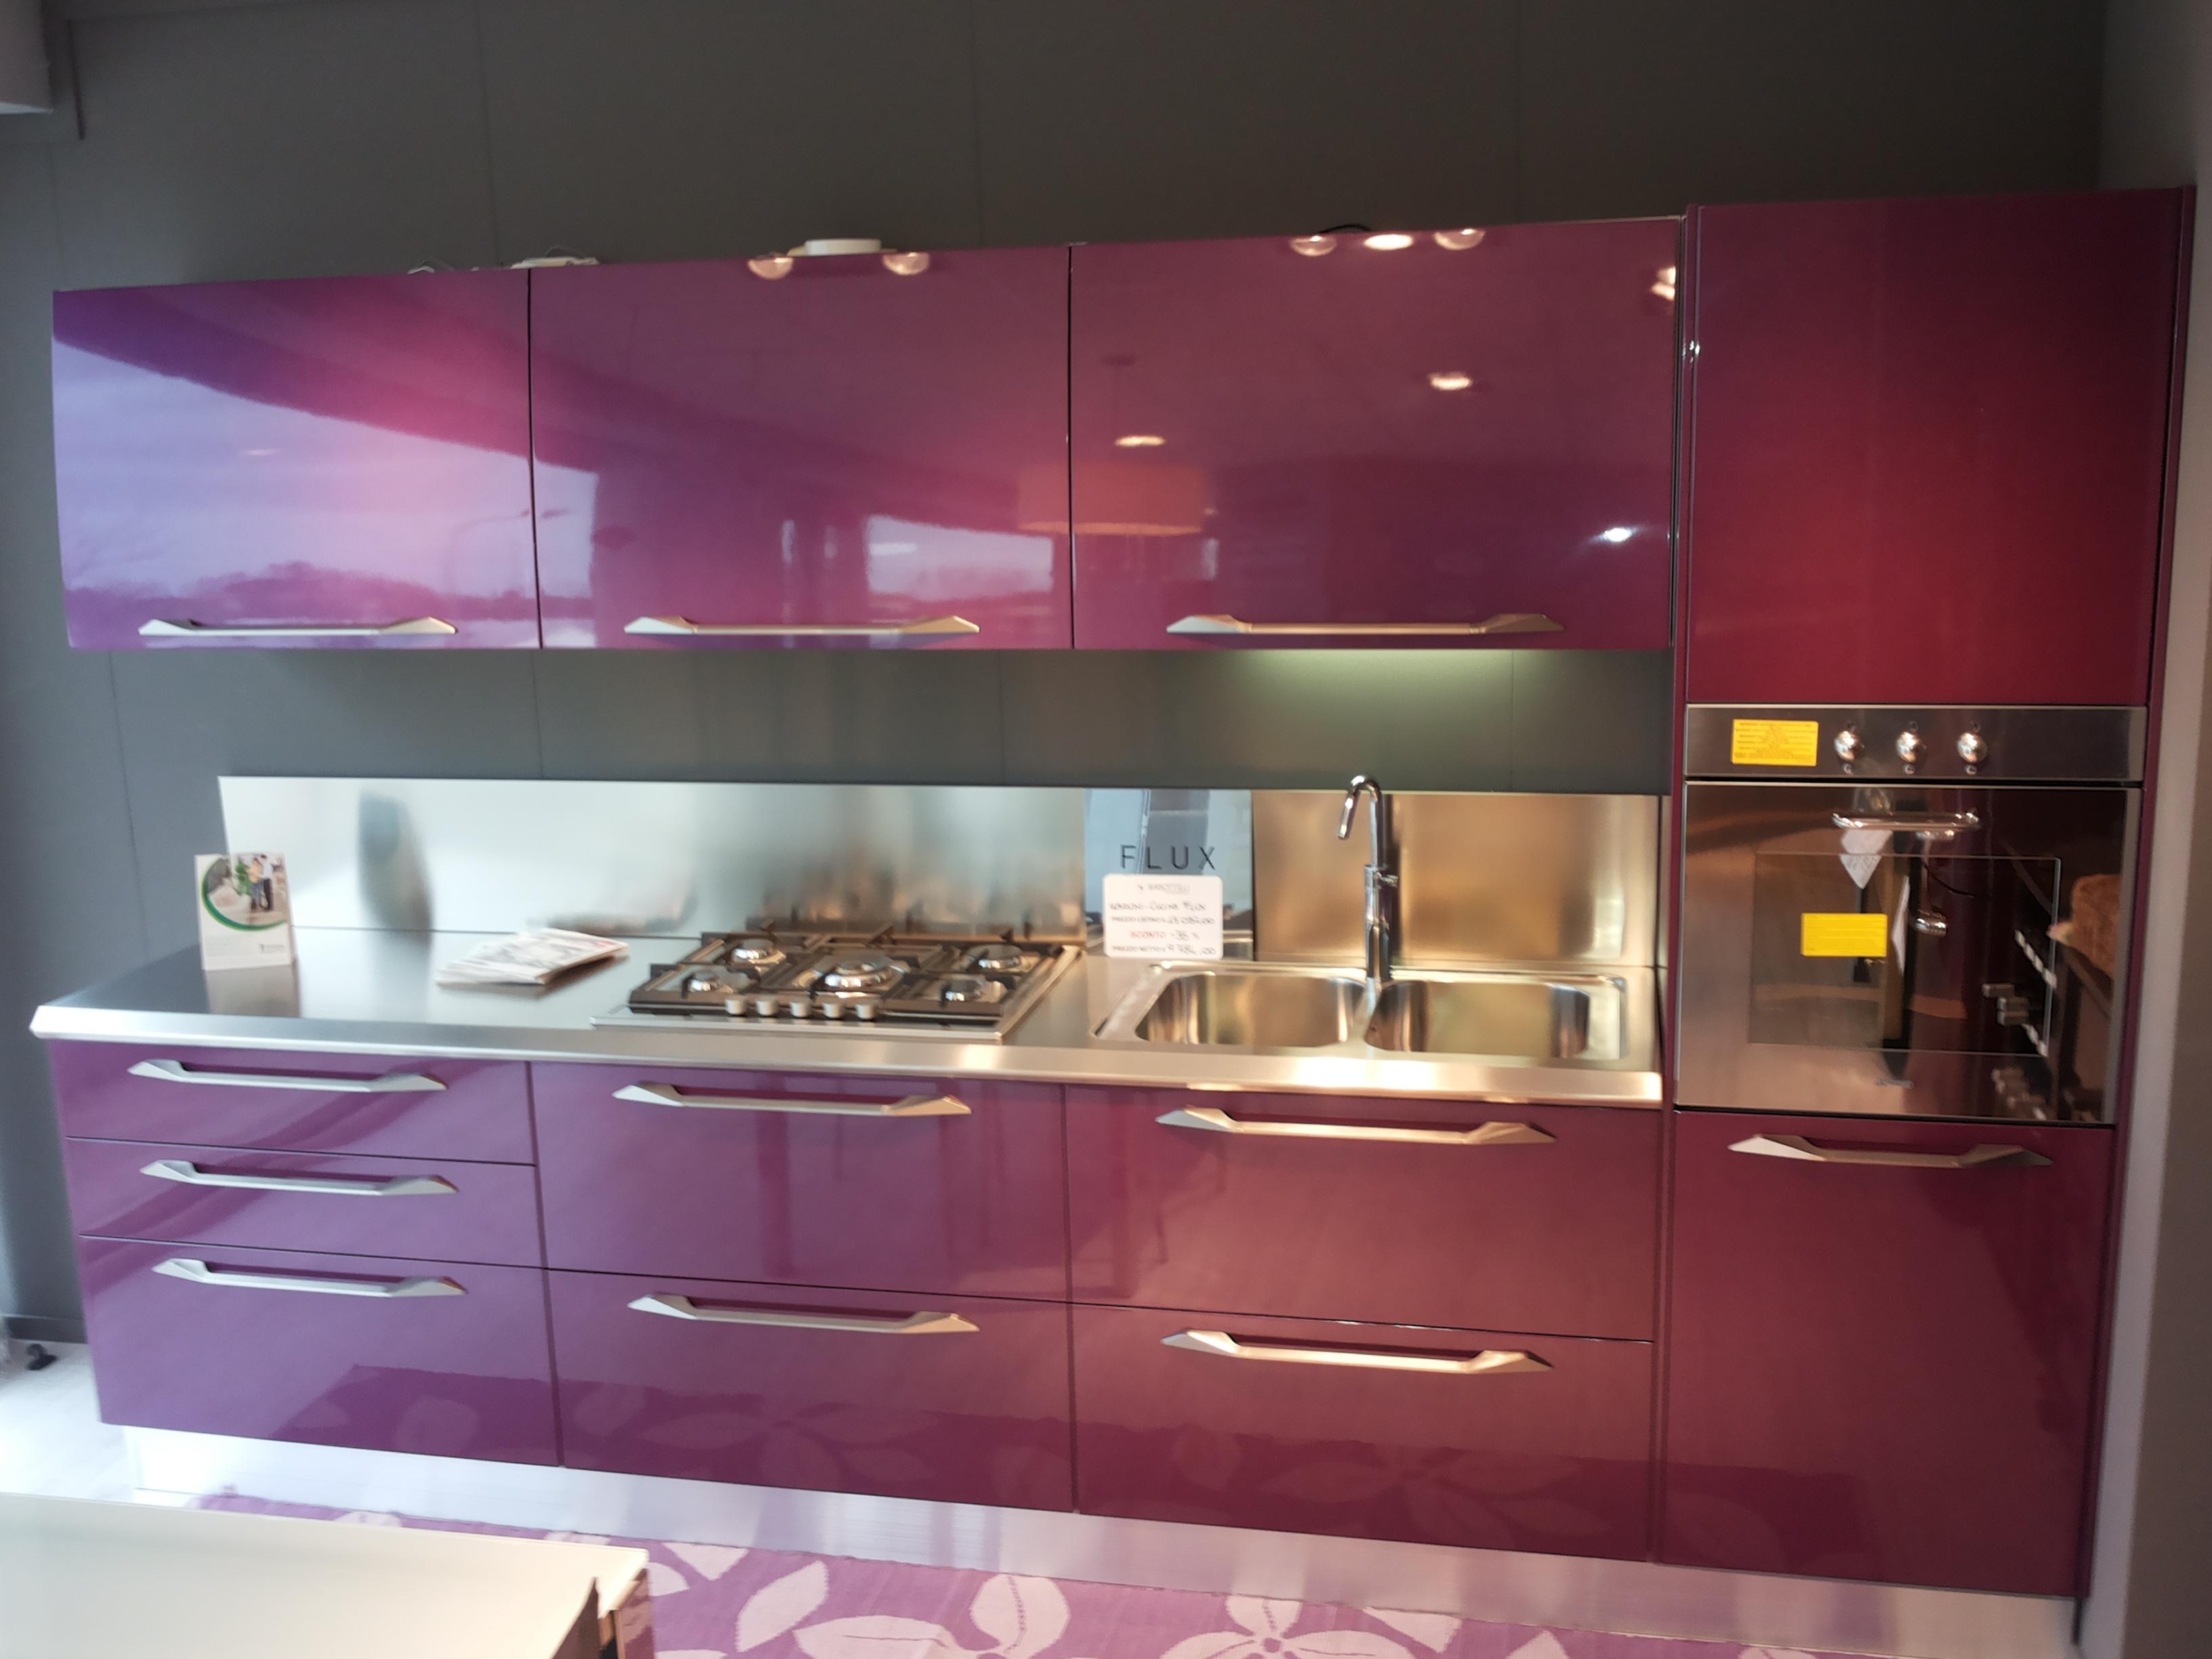 Cucina scavolini offerta flux cucine a prezzi scontati for Cucine in offerta prezzi